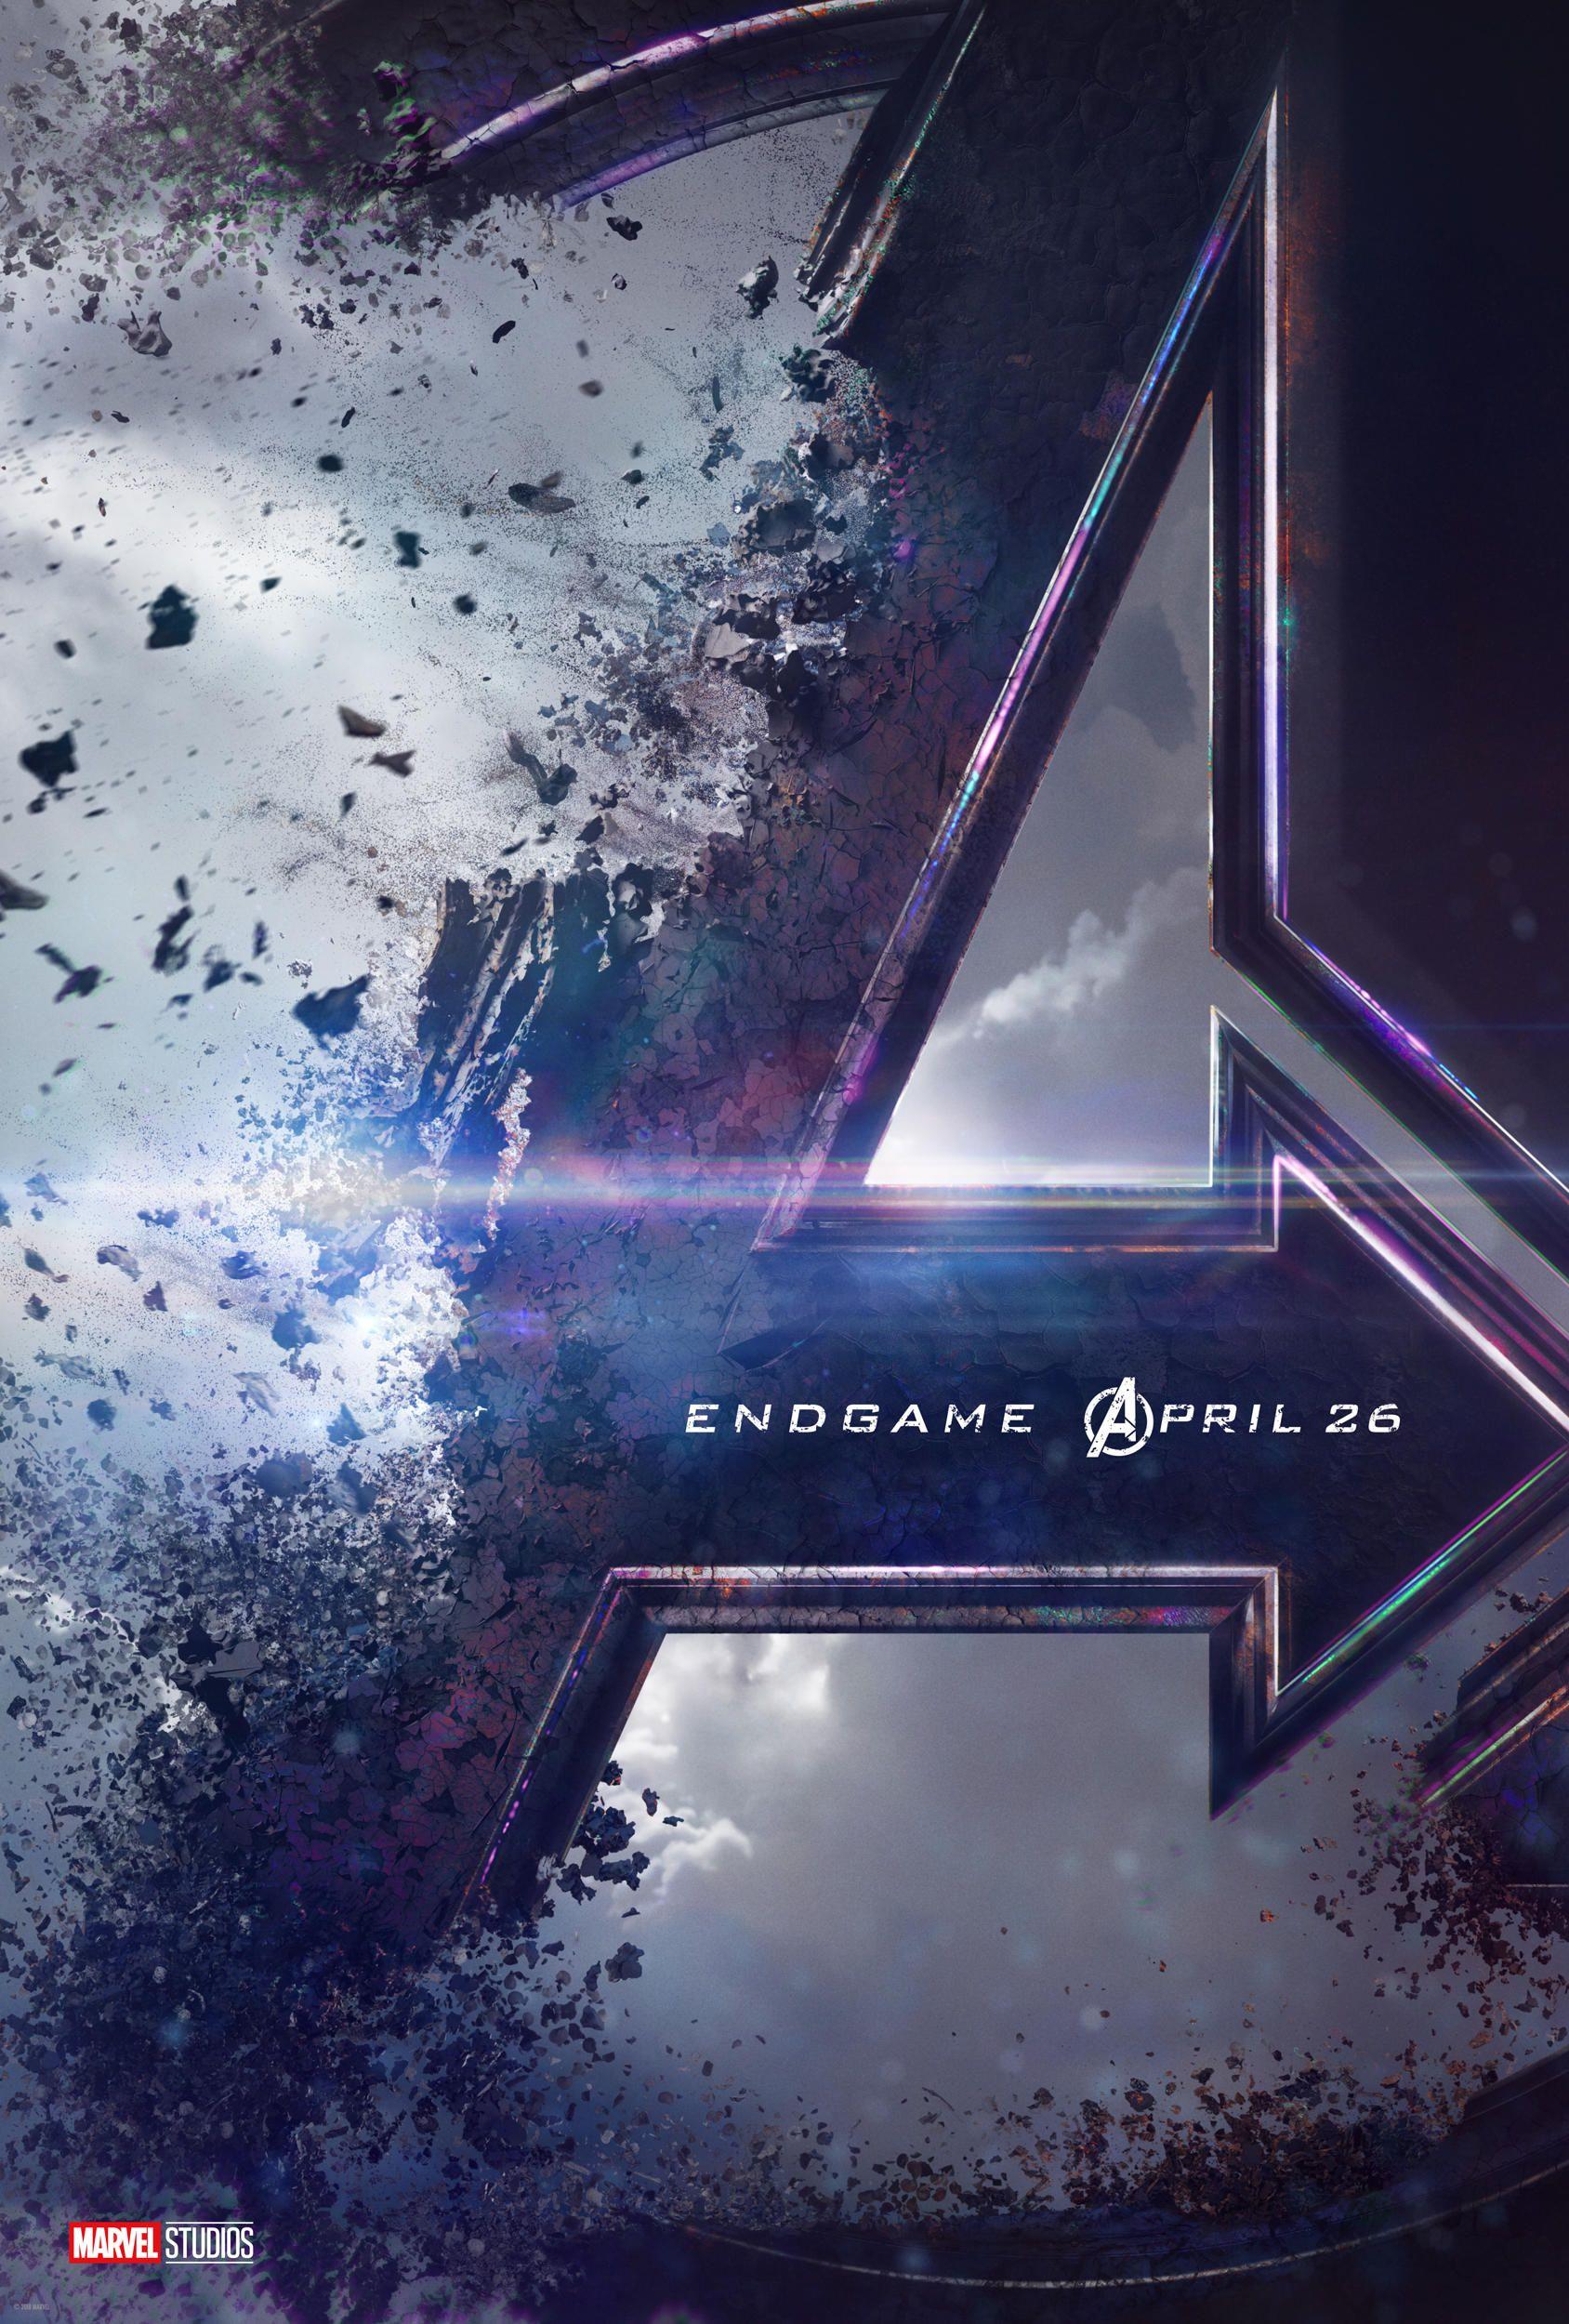 Avengers Endgame Poster Con Imagenes Pelicula Avengers